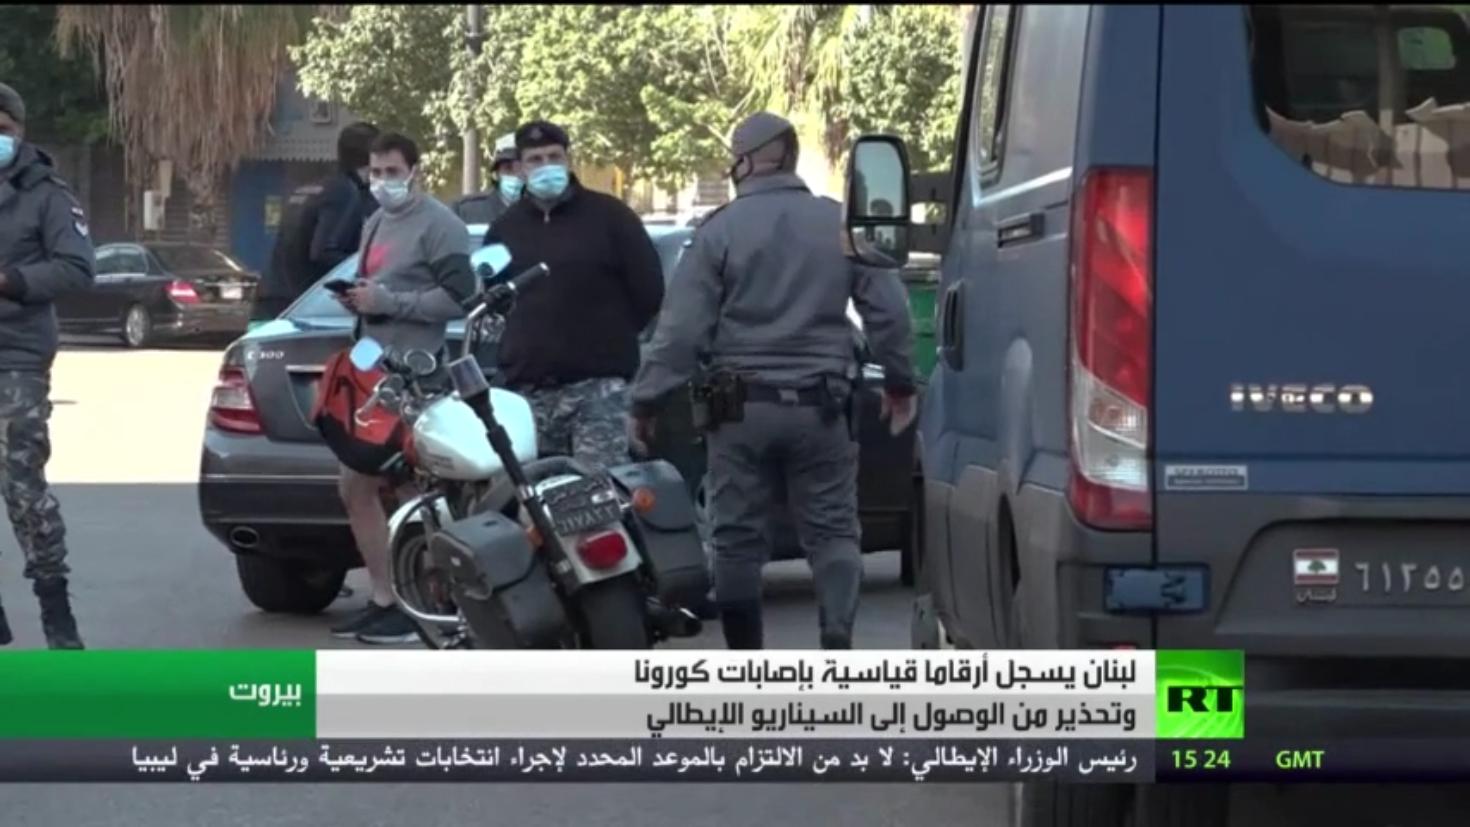 أرقام قياسية بإصابات كورونا في لبنان